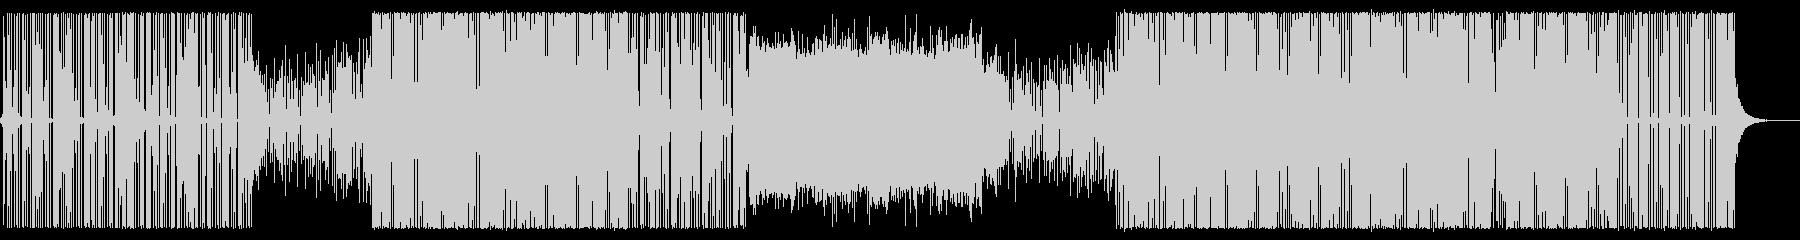 無機質なエレクトロ/ハウスミュージック/の未再生の波形